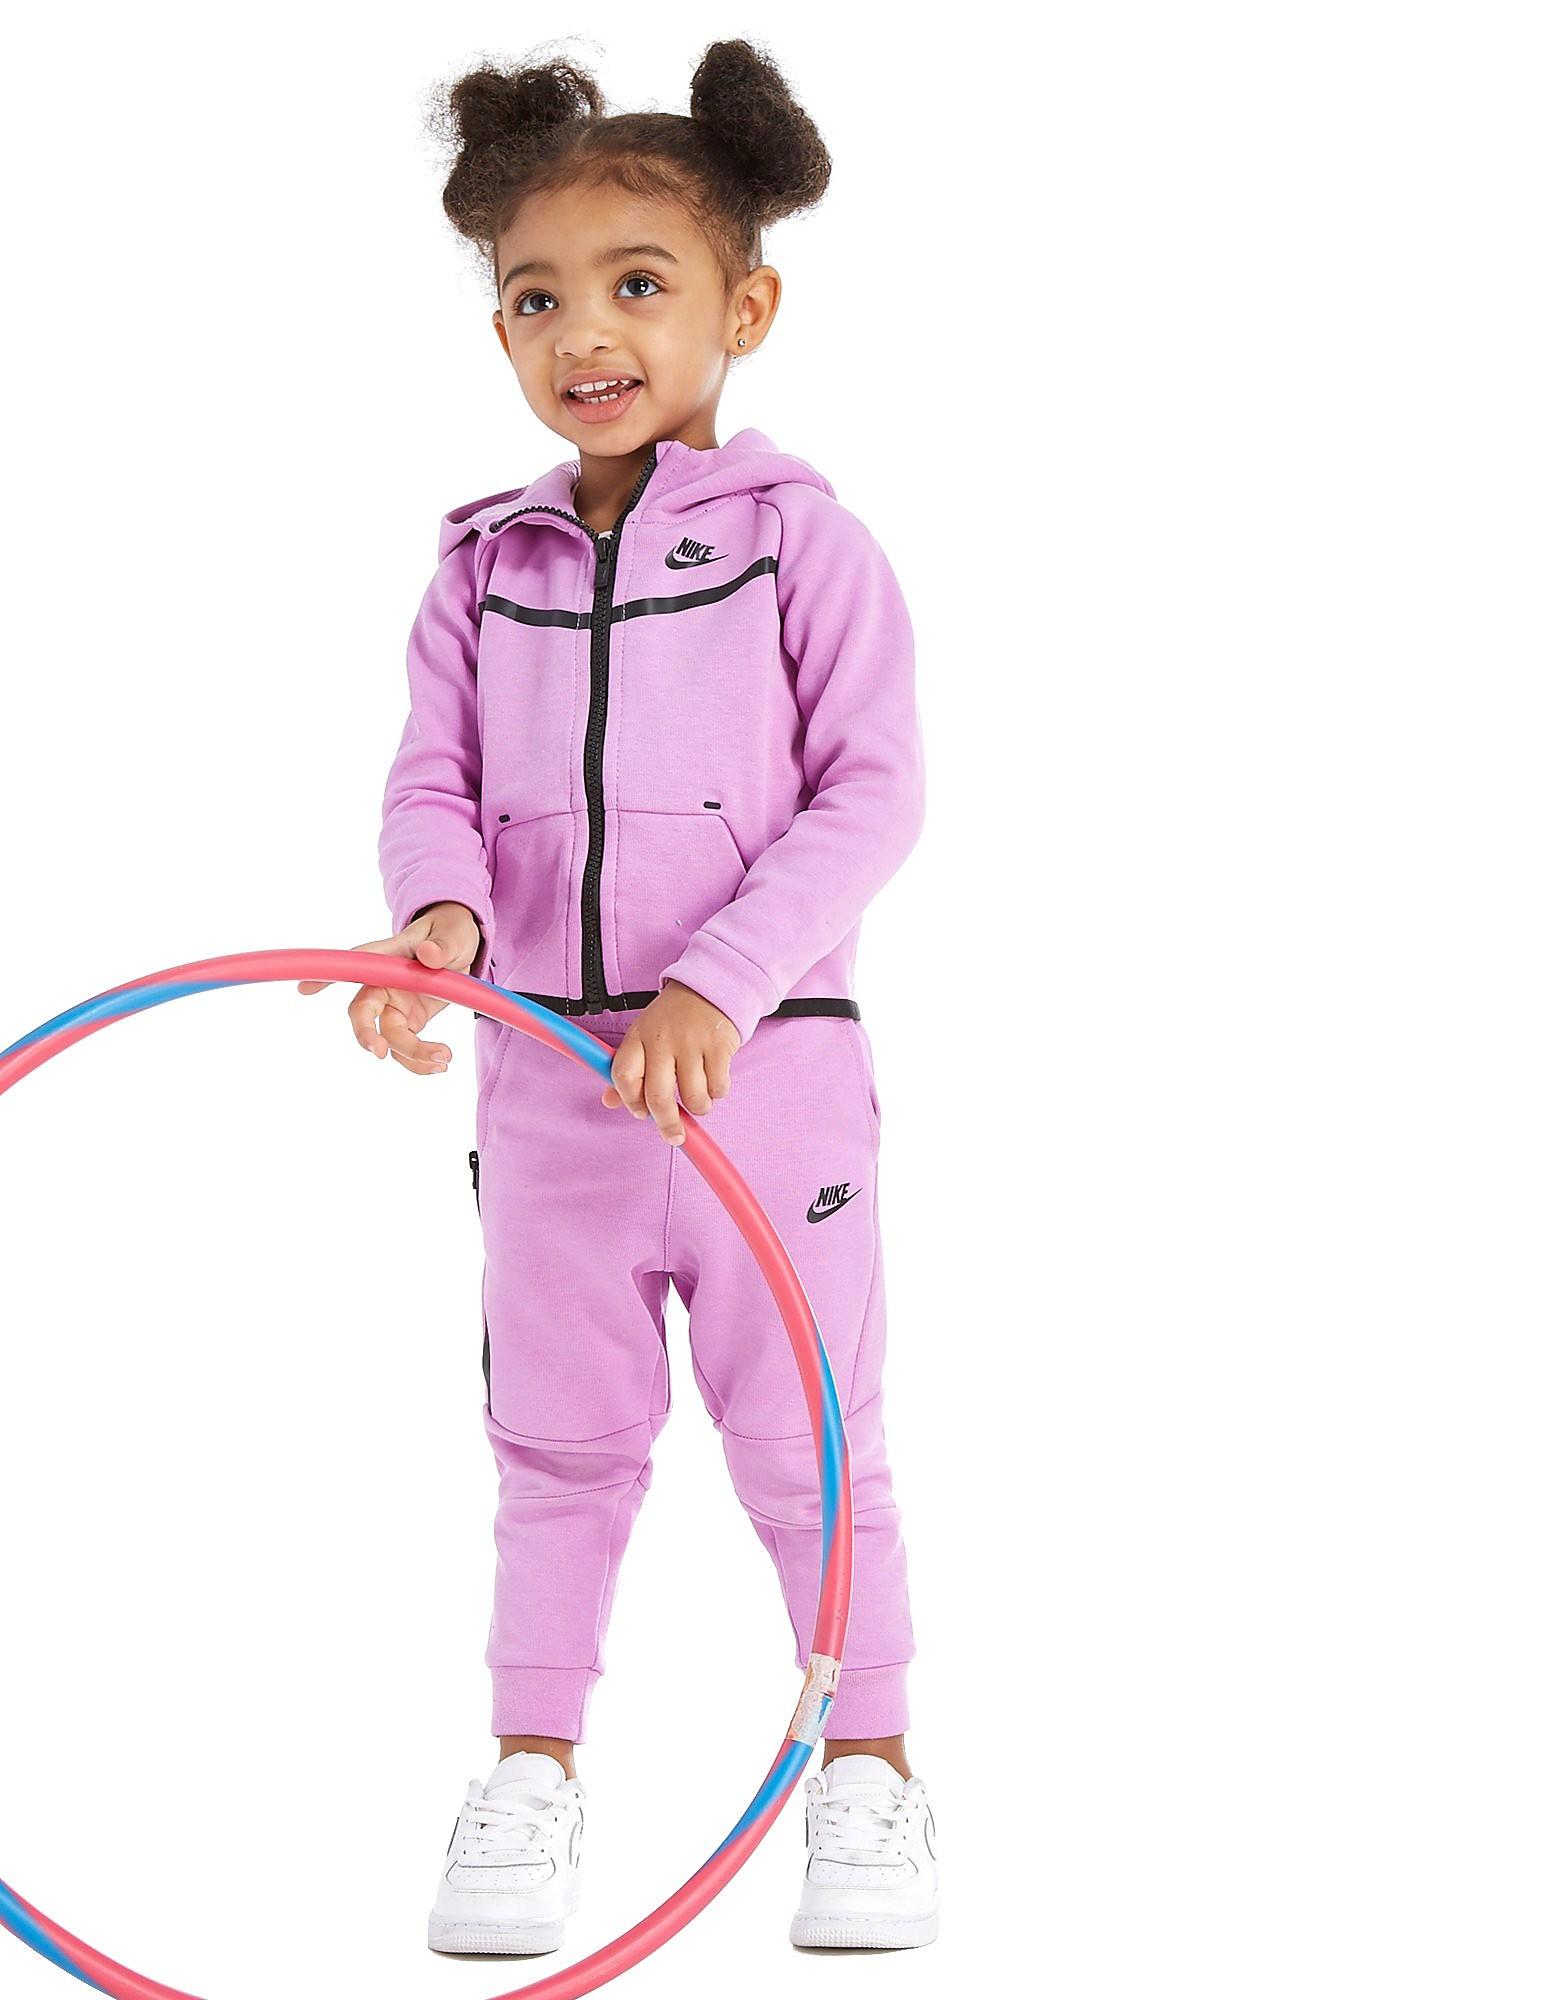 Nike Girls' Tech Full Zip Suit Infant